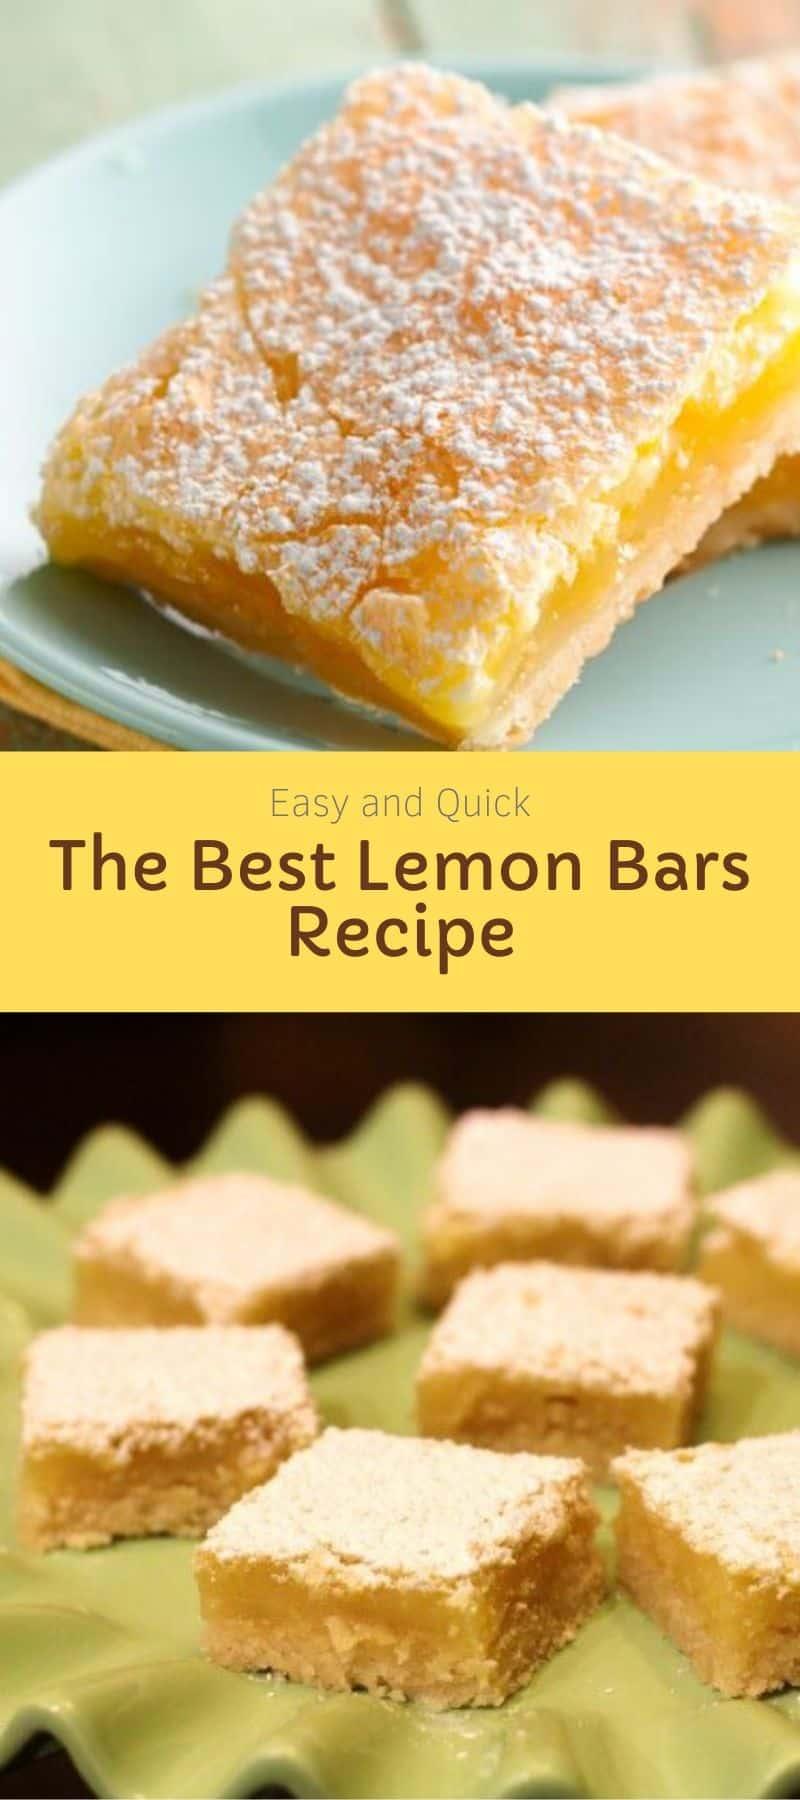 The Best Lemon Bars Recipe 4